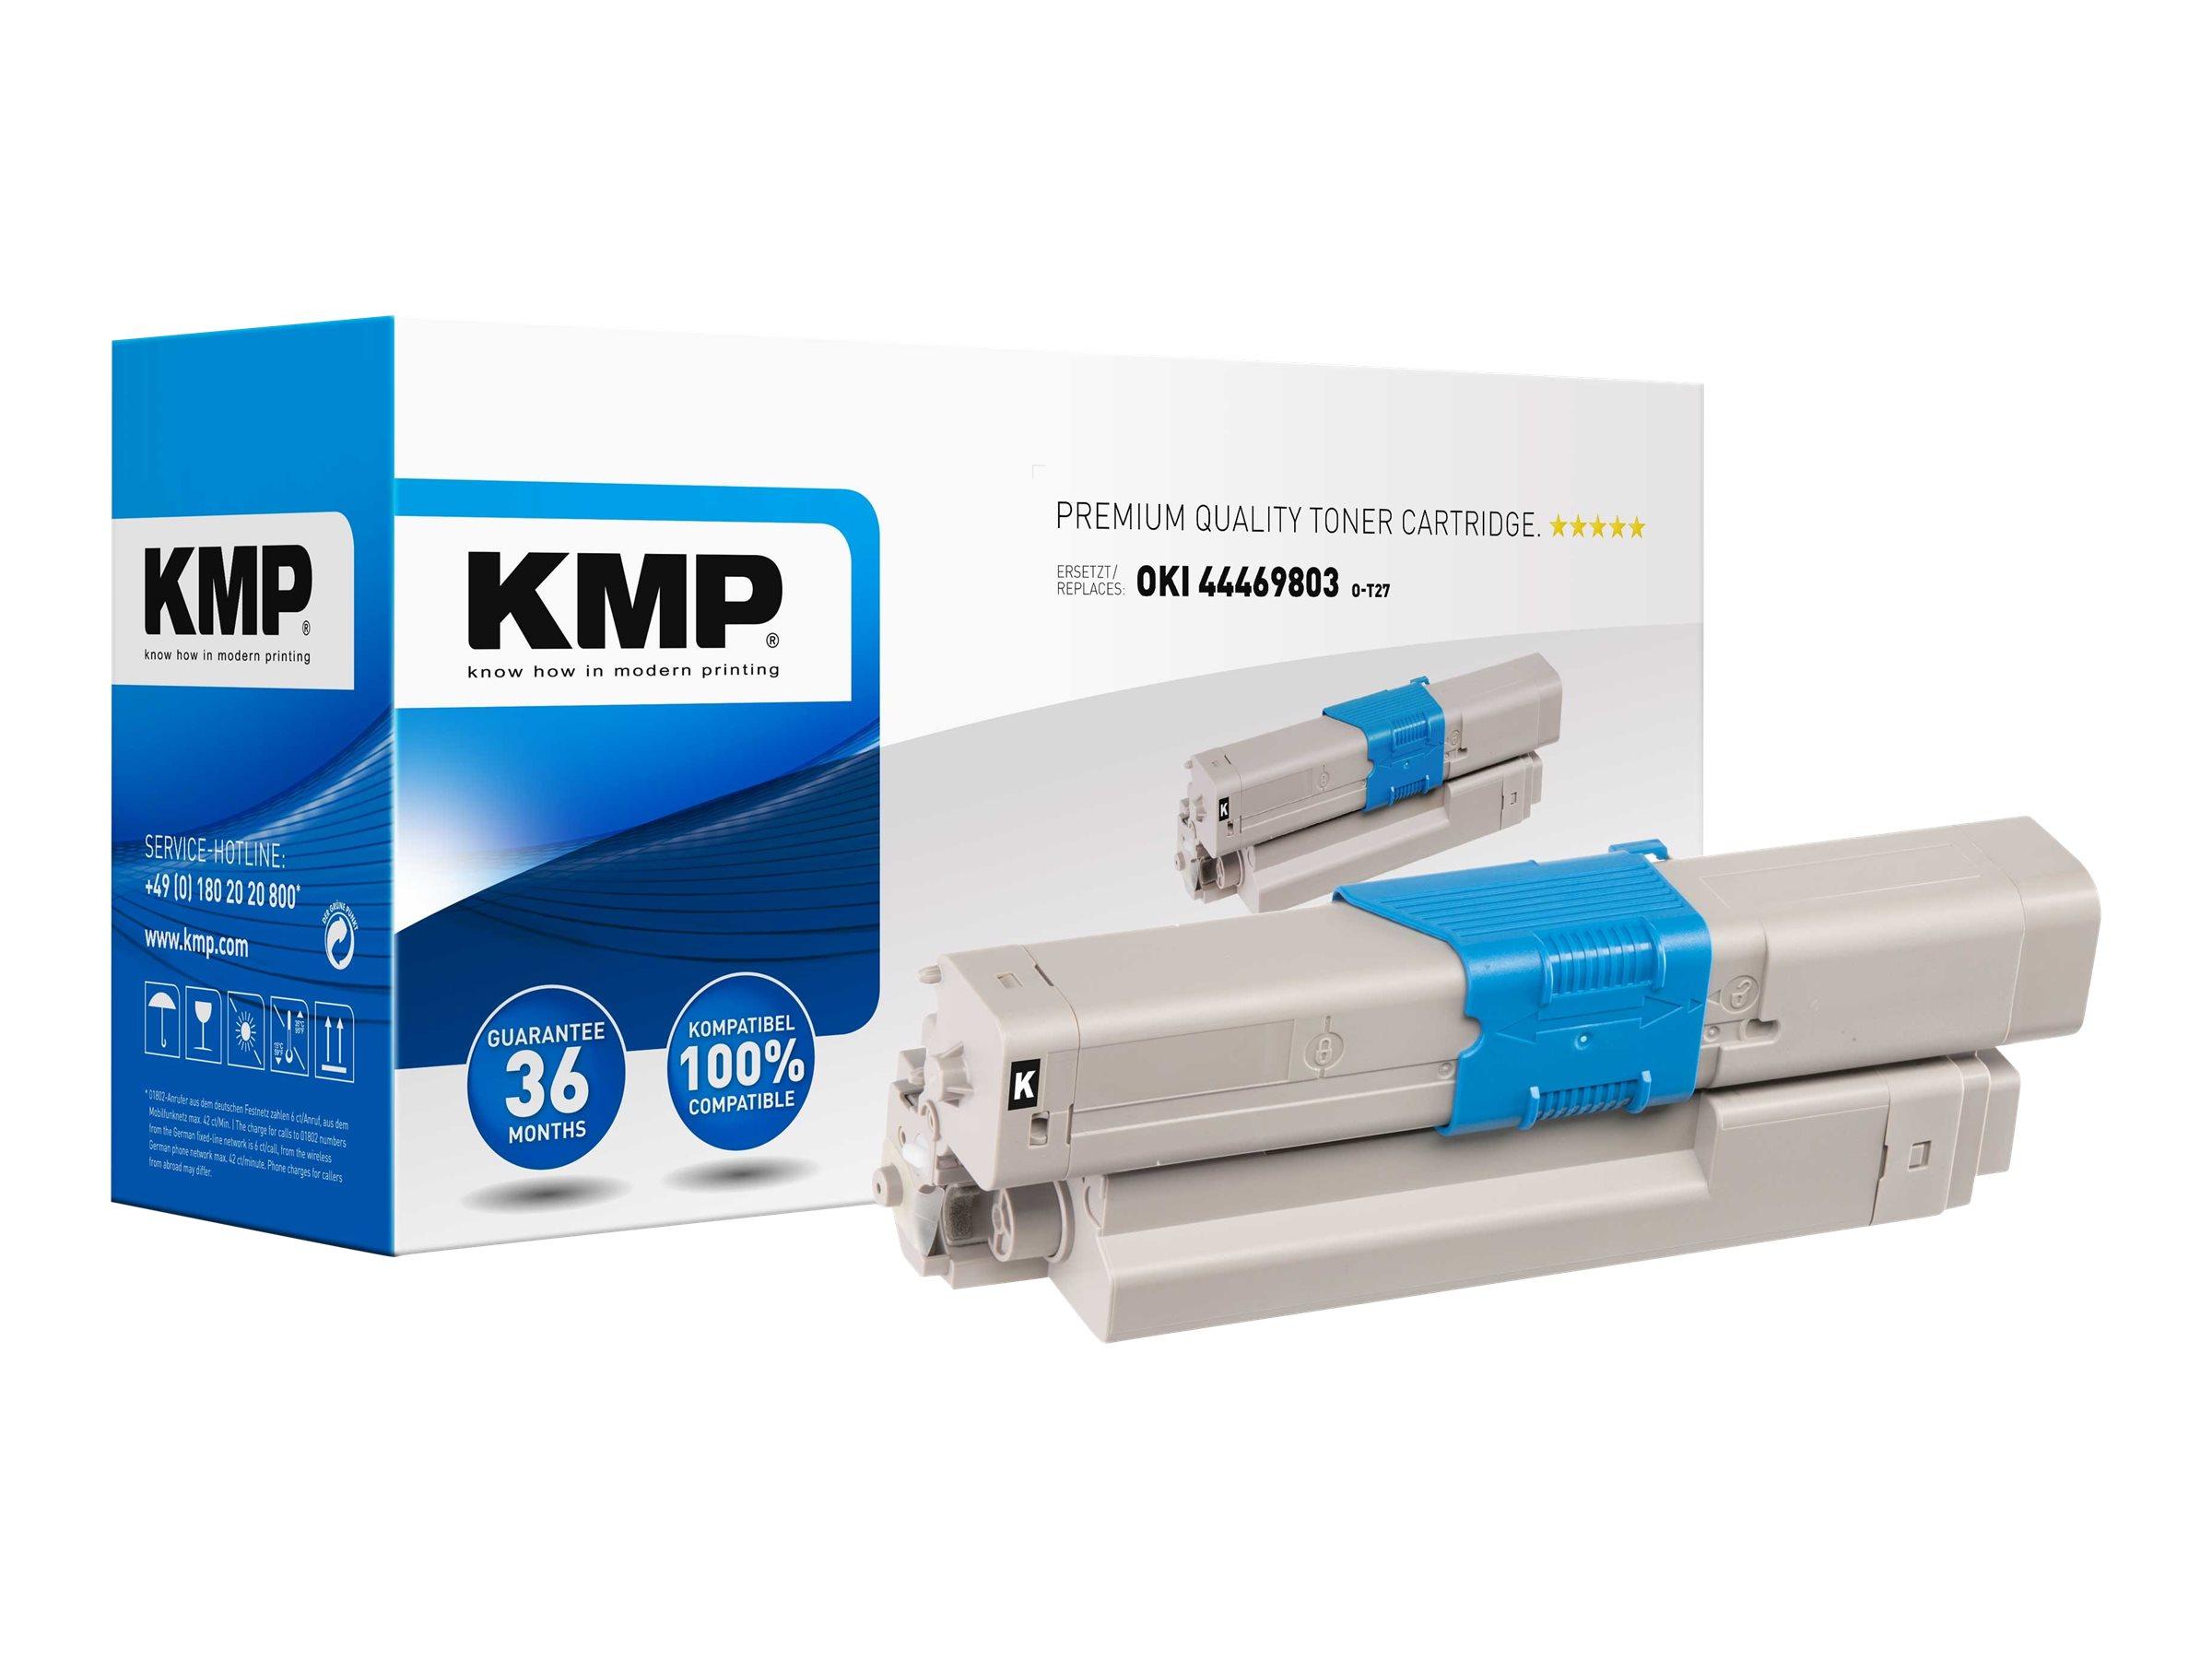 Vorschau: KMP O-T27 - 65 g - Schwarz - compatible - Tonerpatrone